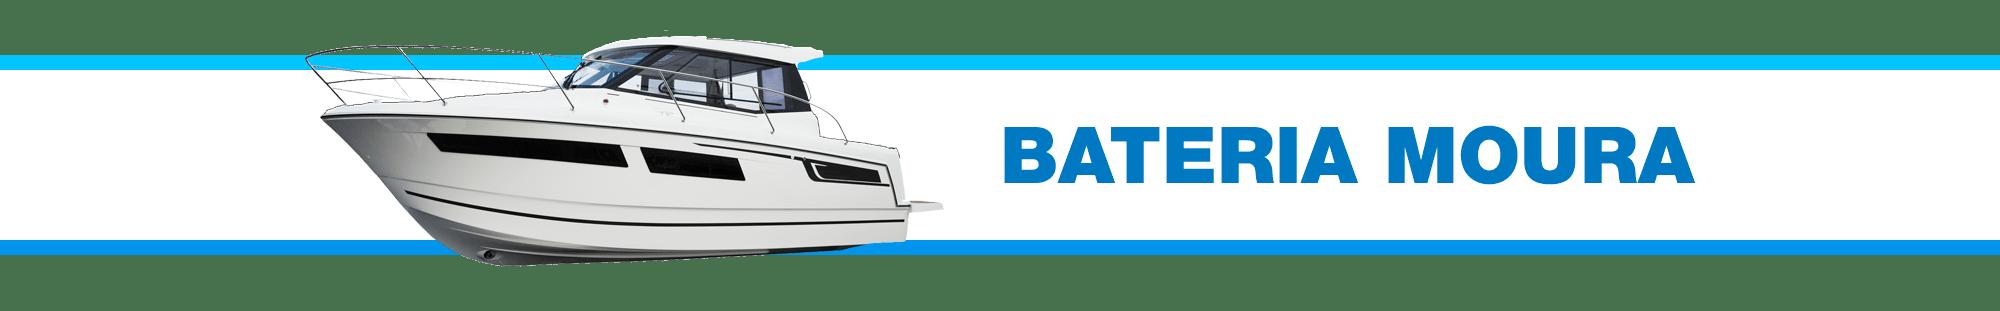 sv-baterias-bateria-moura-boat-barco-v1